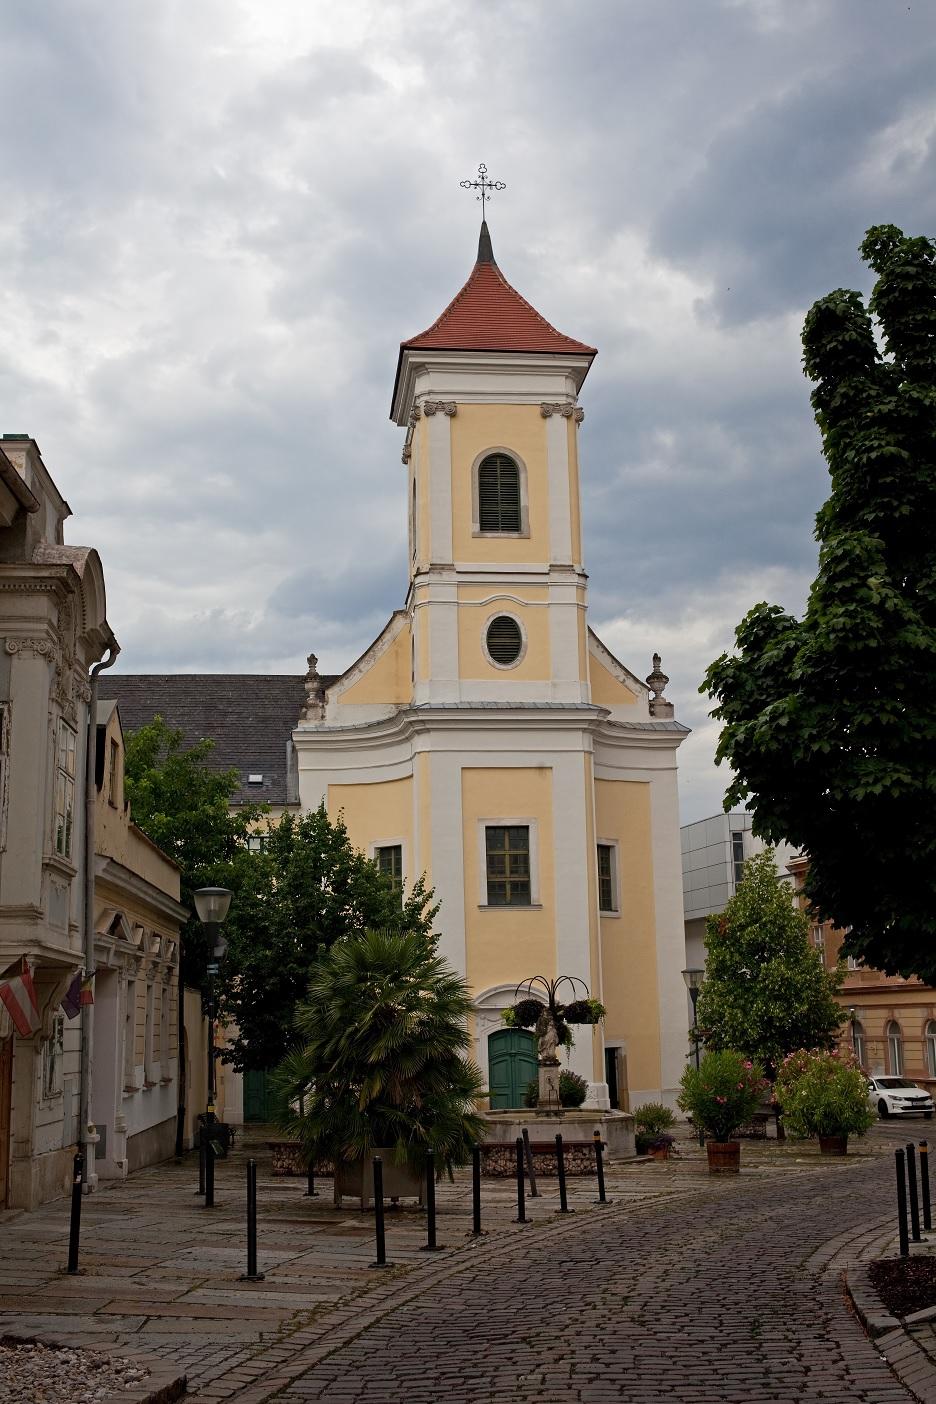 Fototapeta: Klasztor franciszkanów w Eisenstadt